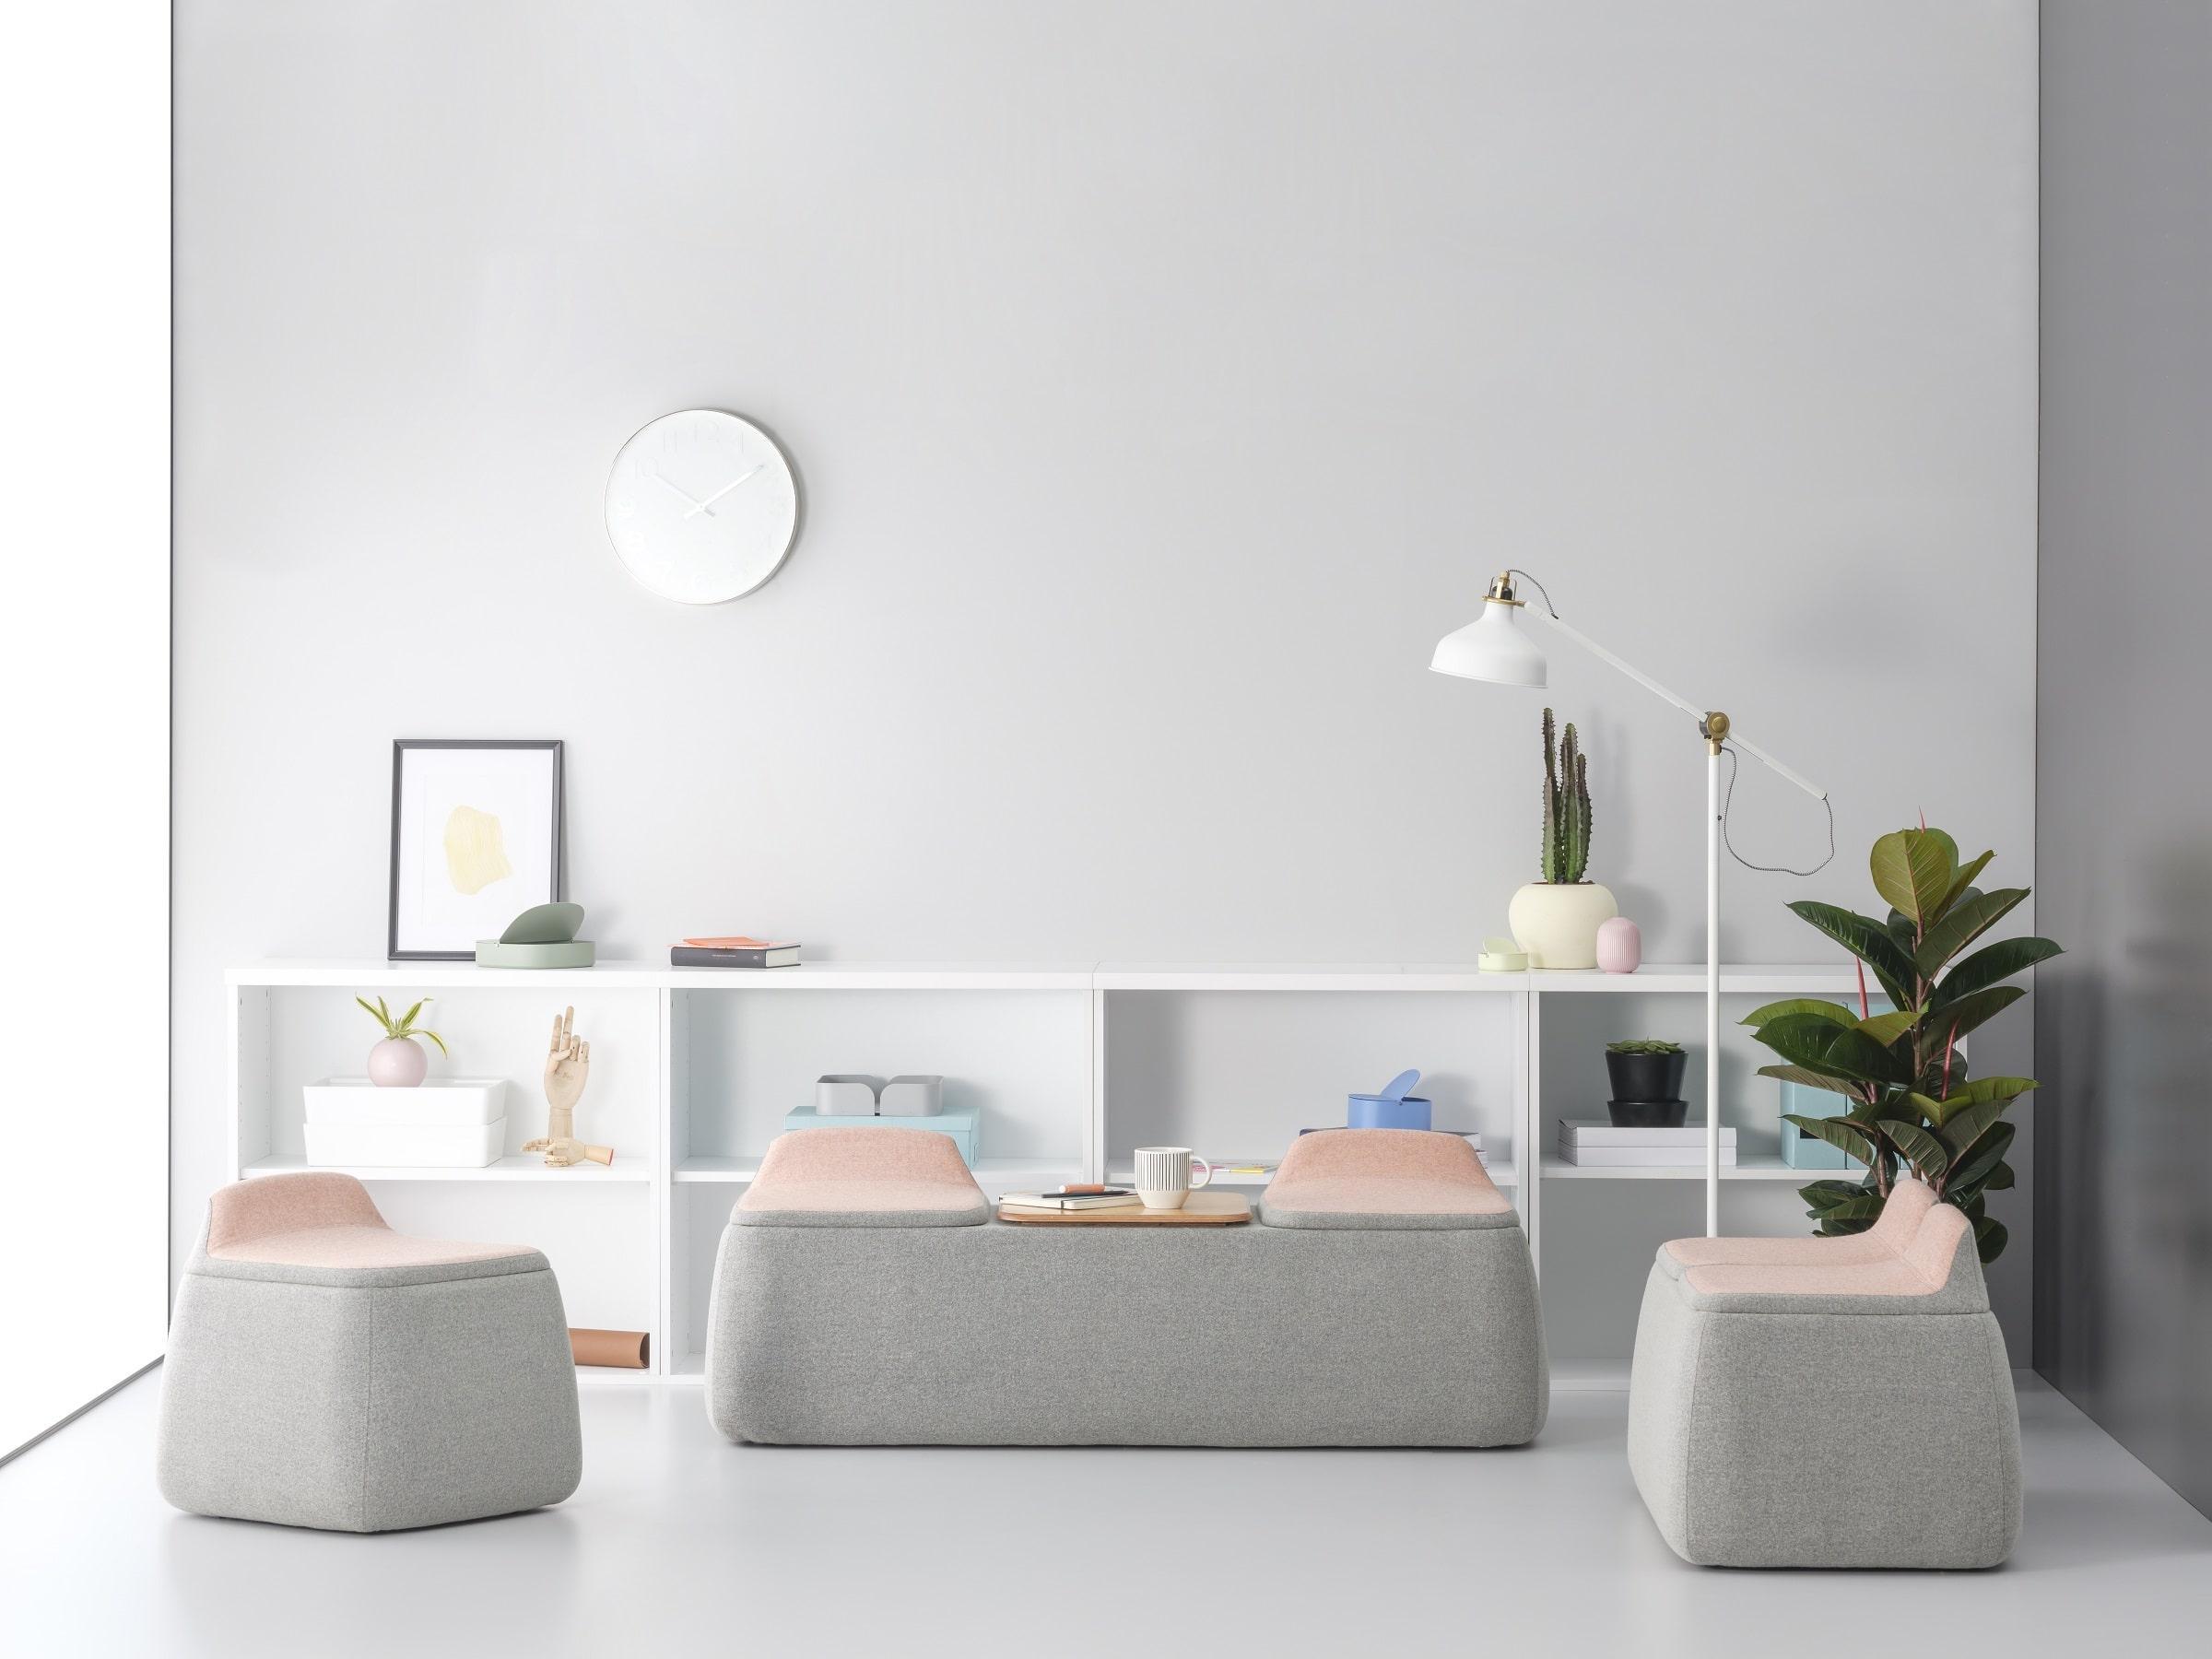 Ofislerde yeni tercih renkli ve işlevsel mobilyalar